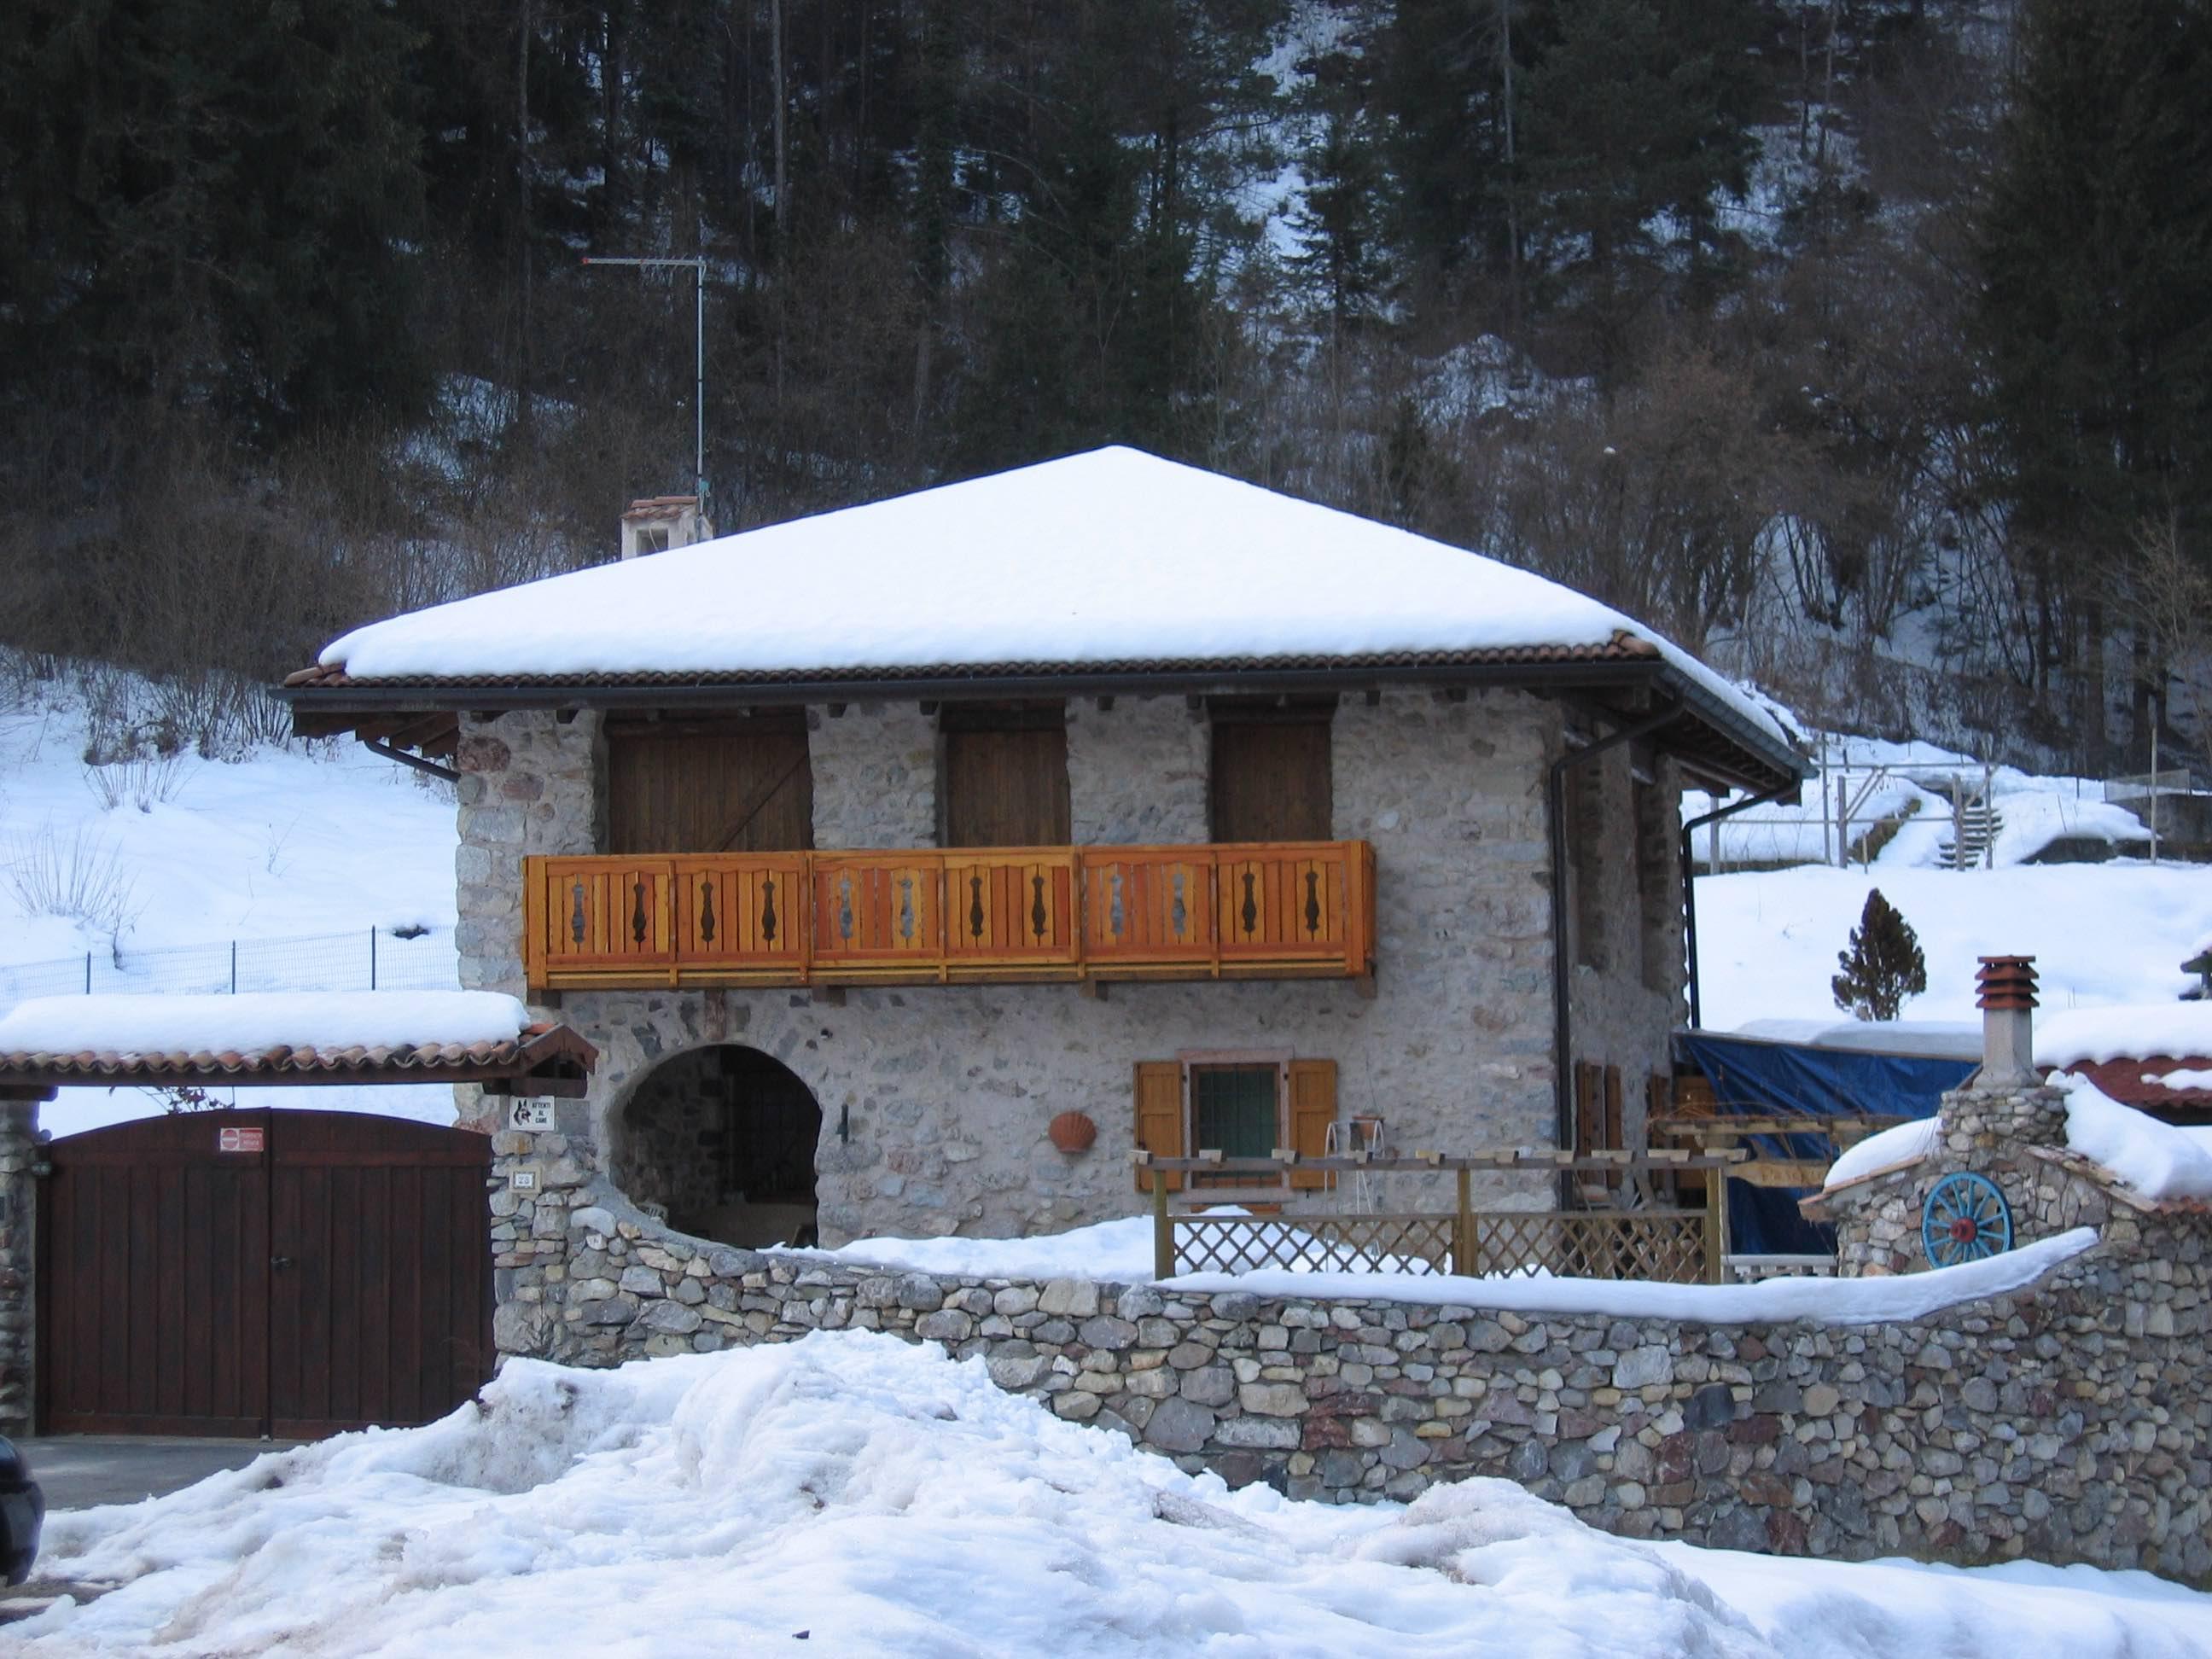 Eerste bezichtiging met sneeuw